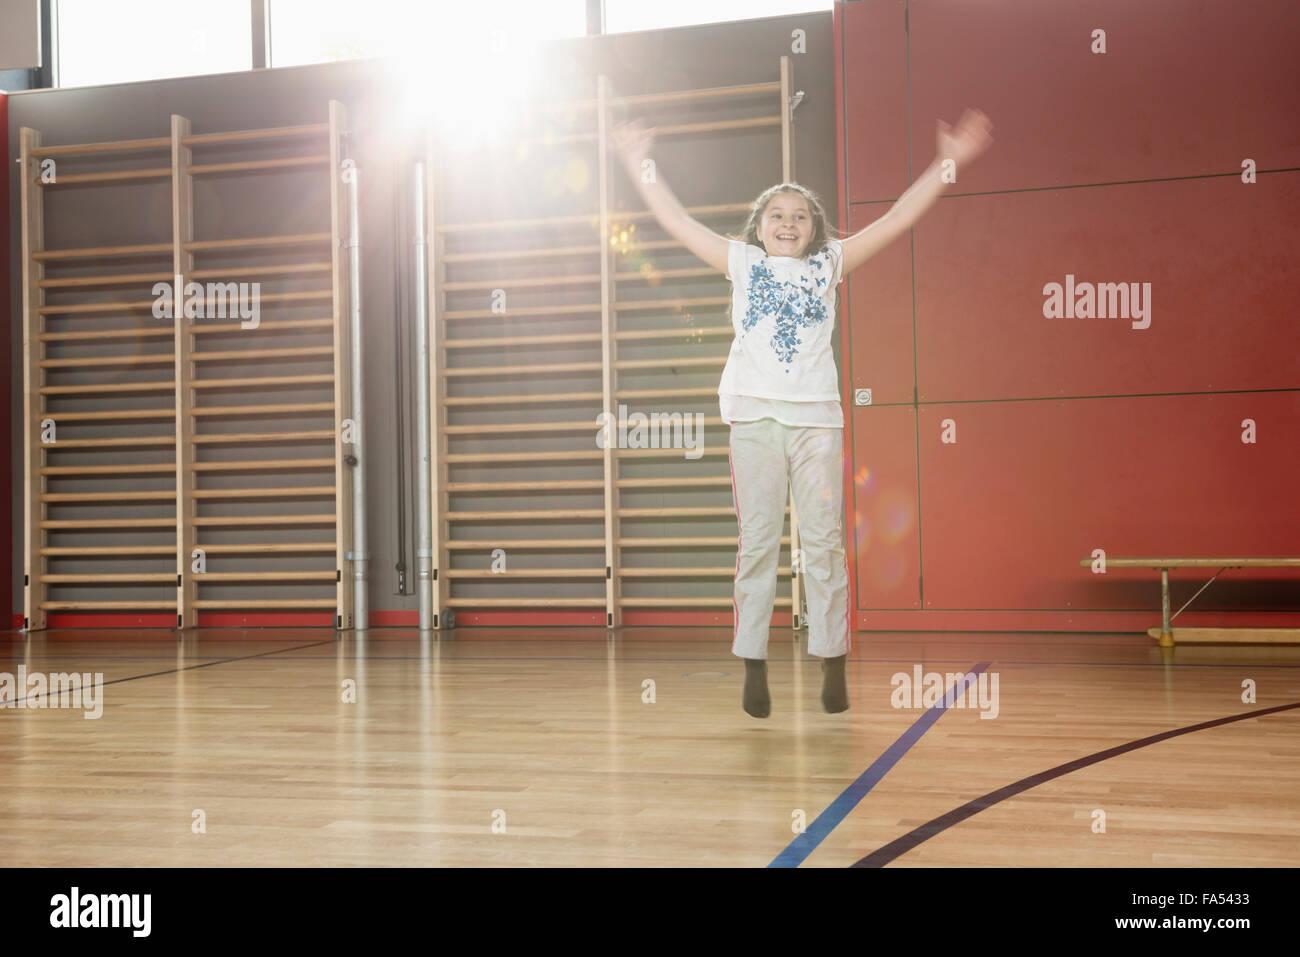 Allegro piccola ragazza saltando in sports hall di Monaco di Baviera, Germania Immagini Stock